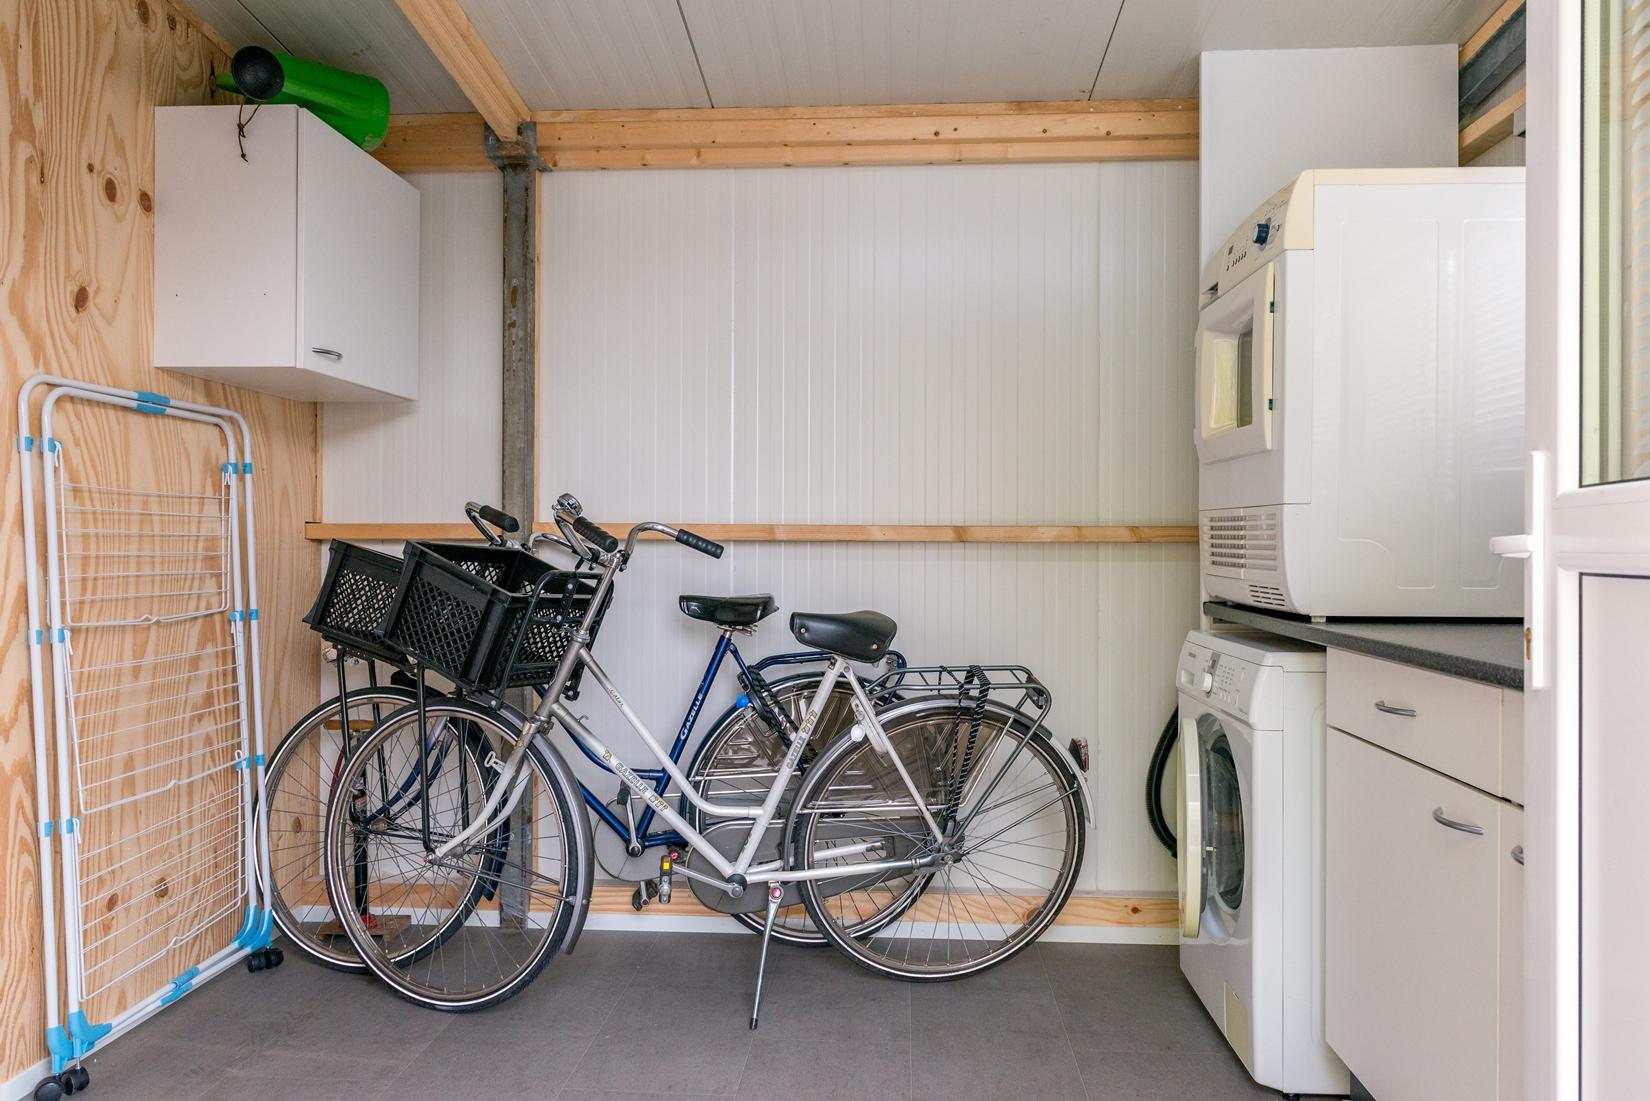 chalet-gestrand-interieur-tuinhuis-fietsen